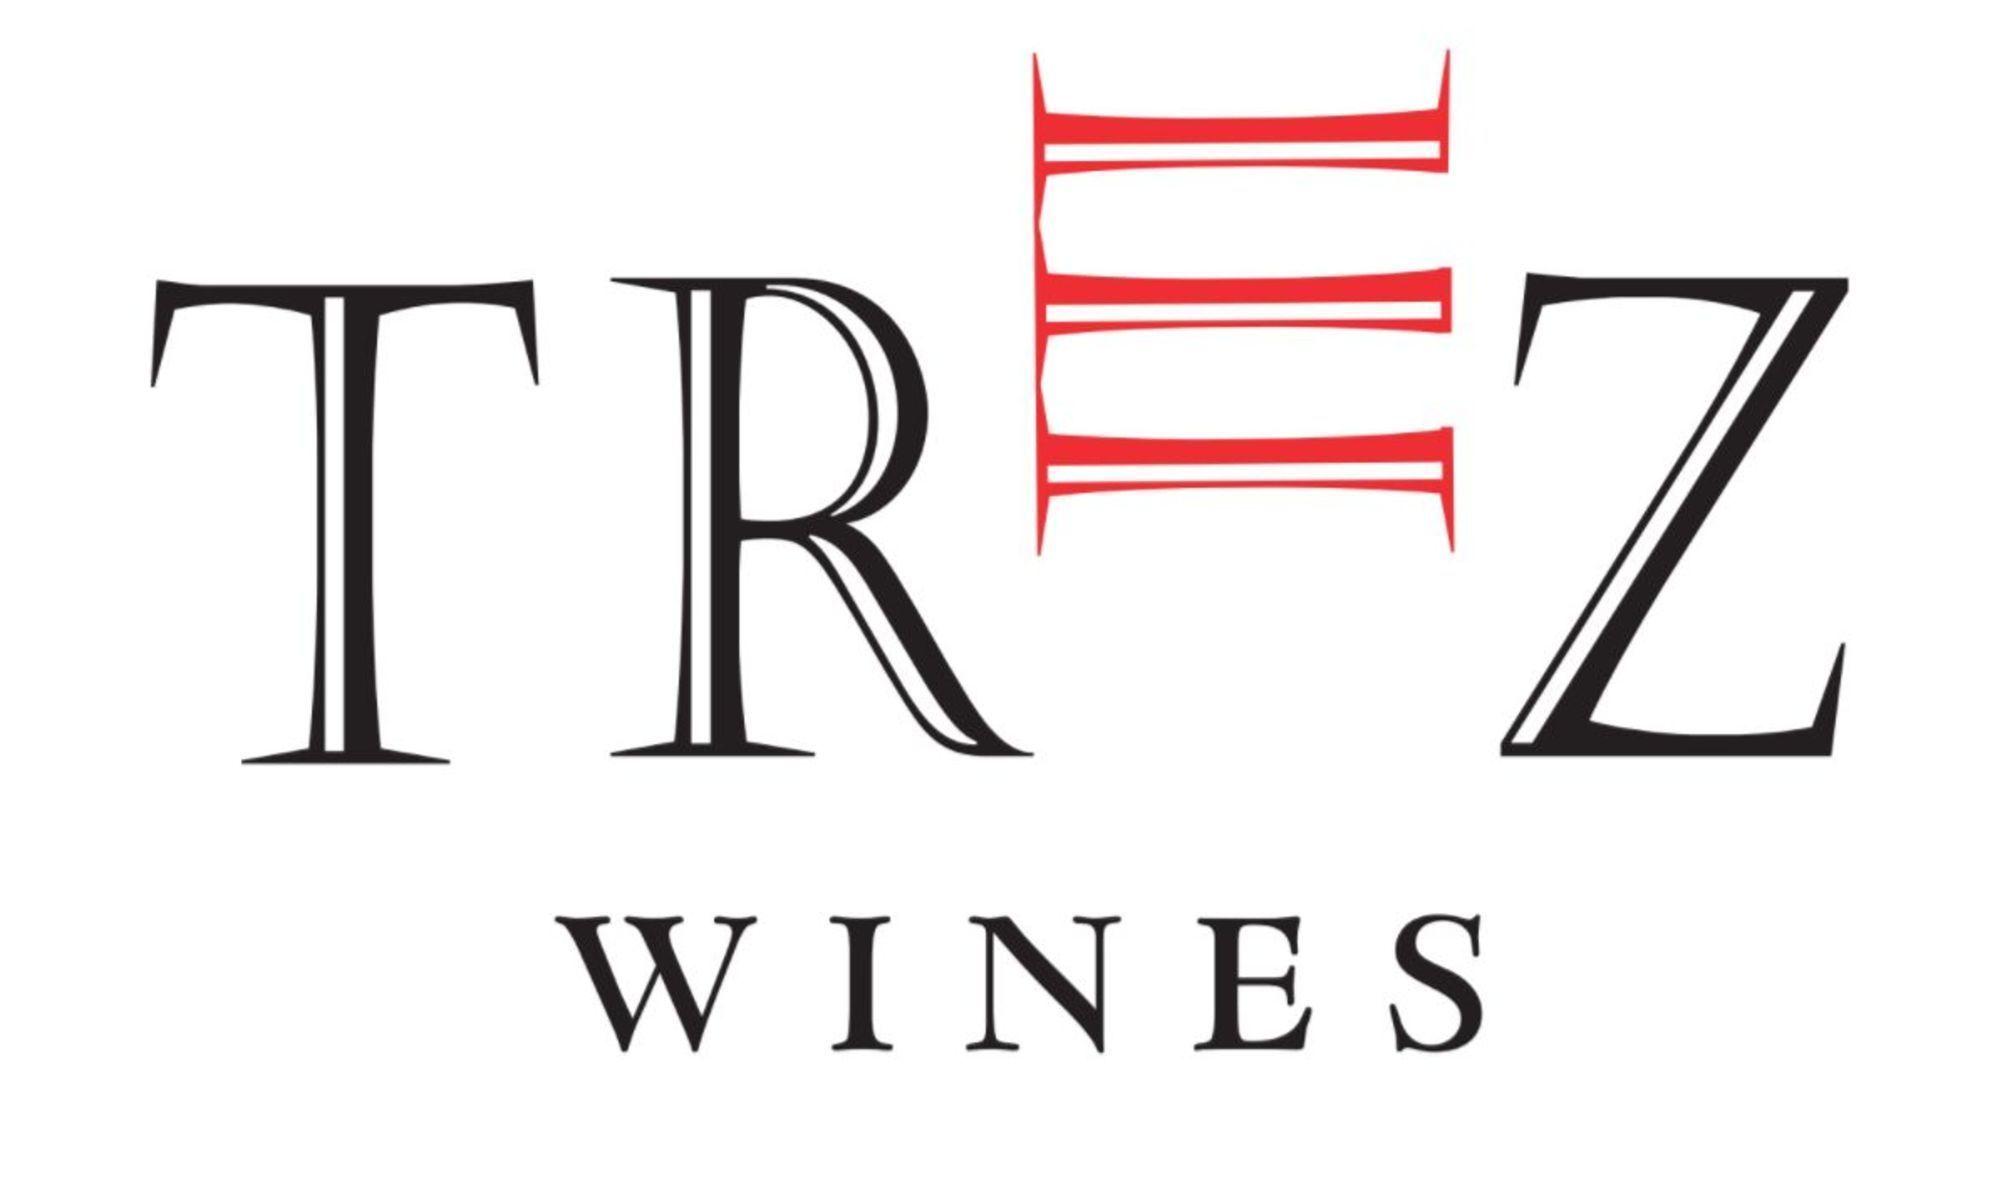 Logo trez wines